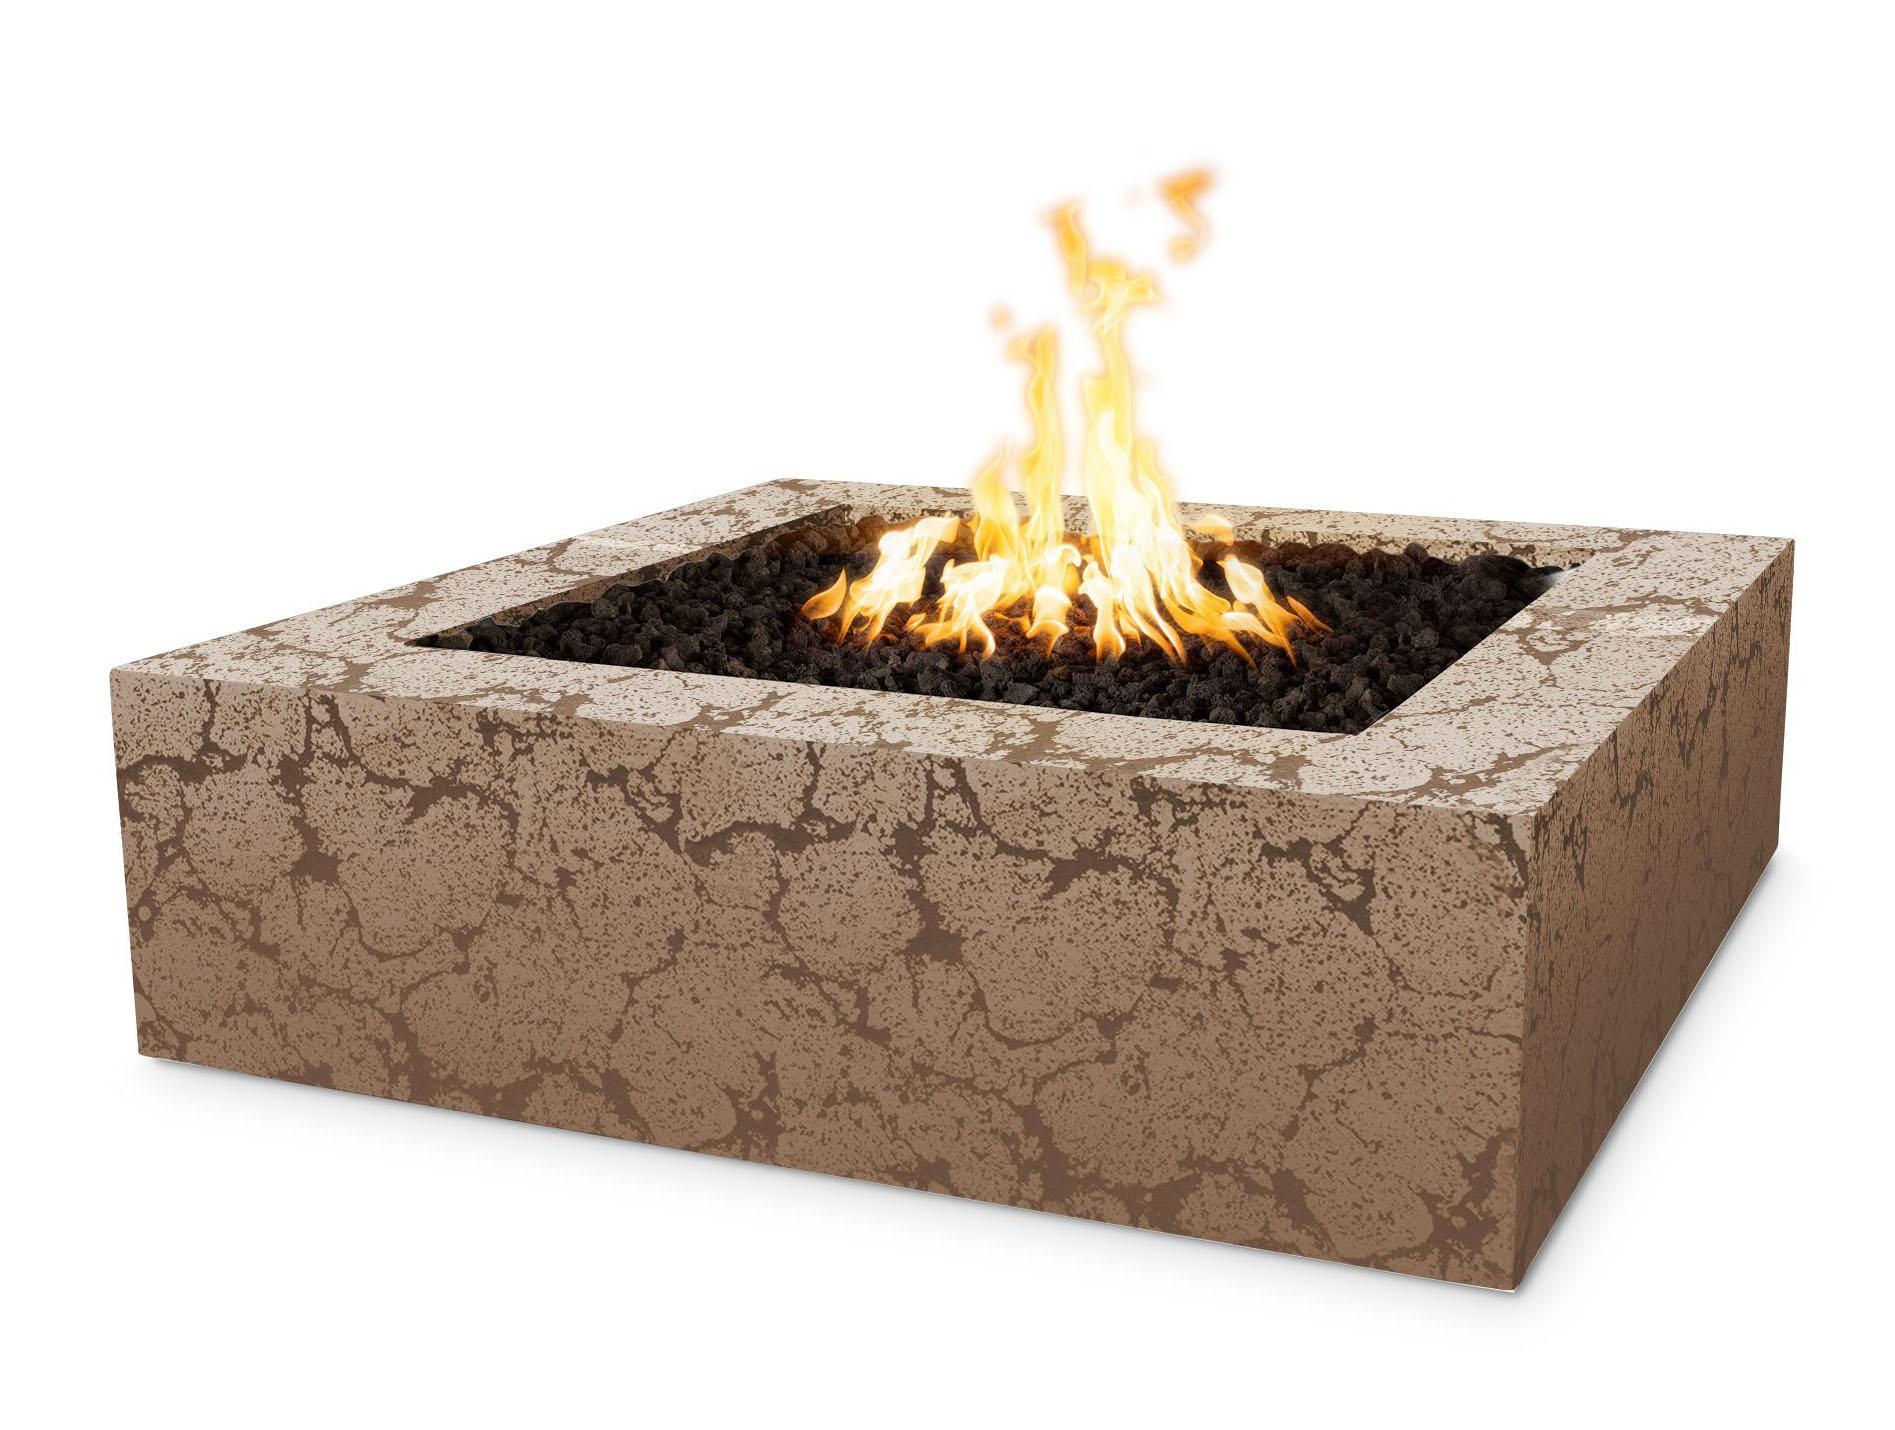 the-outdoor-plus-36-quad-concrete-gas-fire-pit-278227